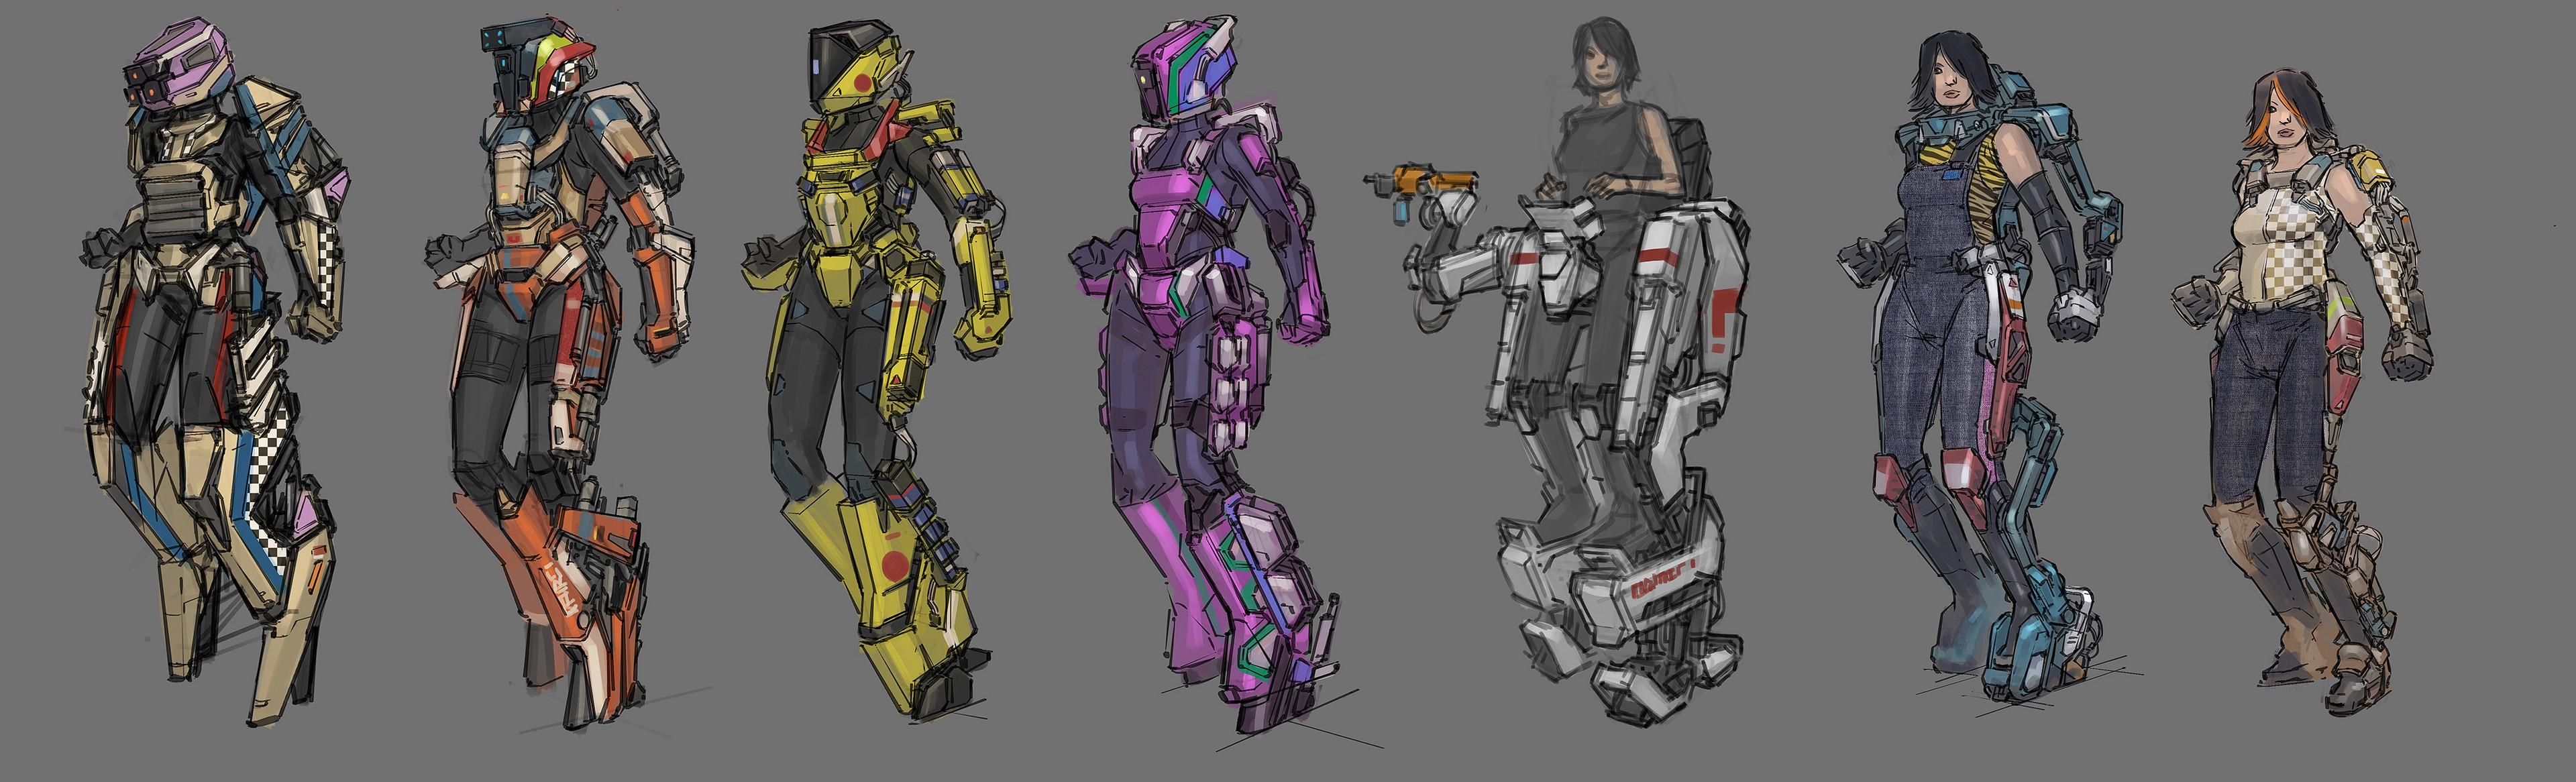 《赛博朋克2077》预制阶段角色概念图 机甲酷炫